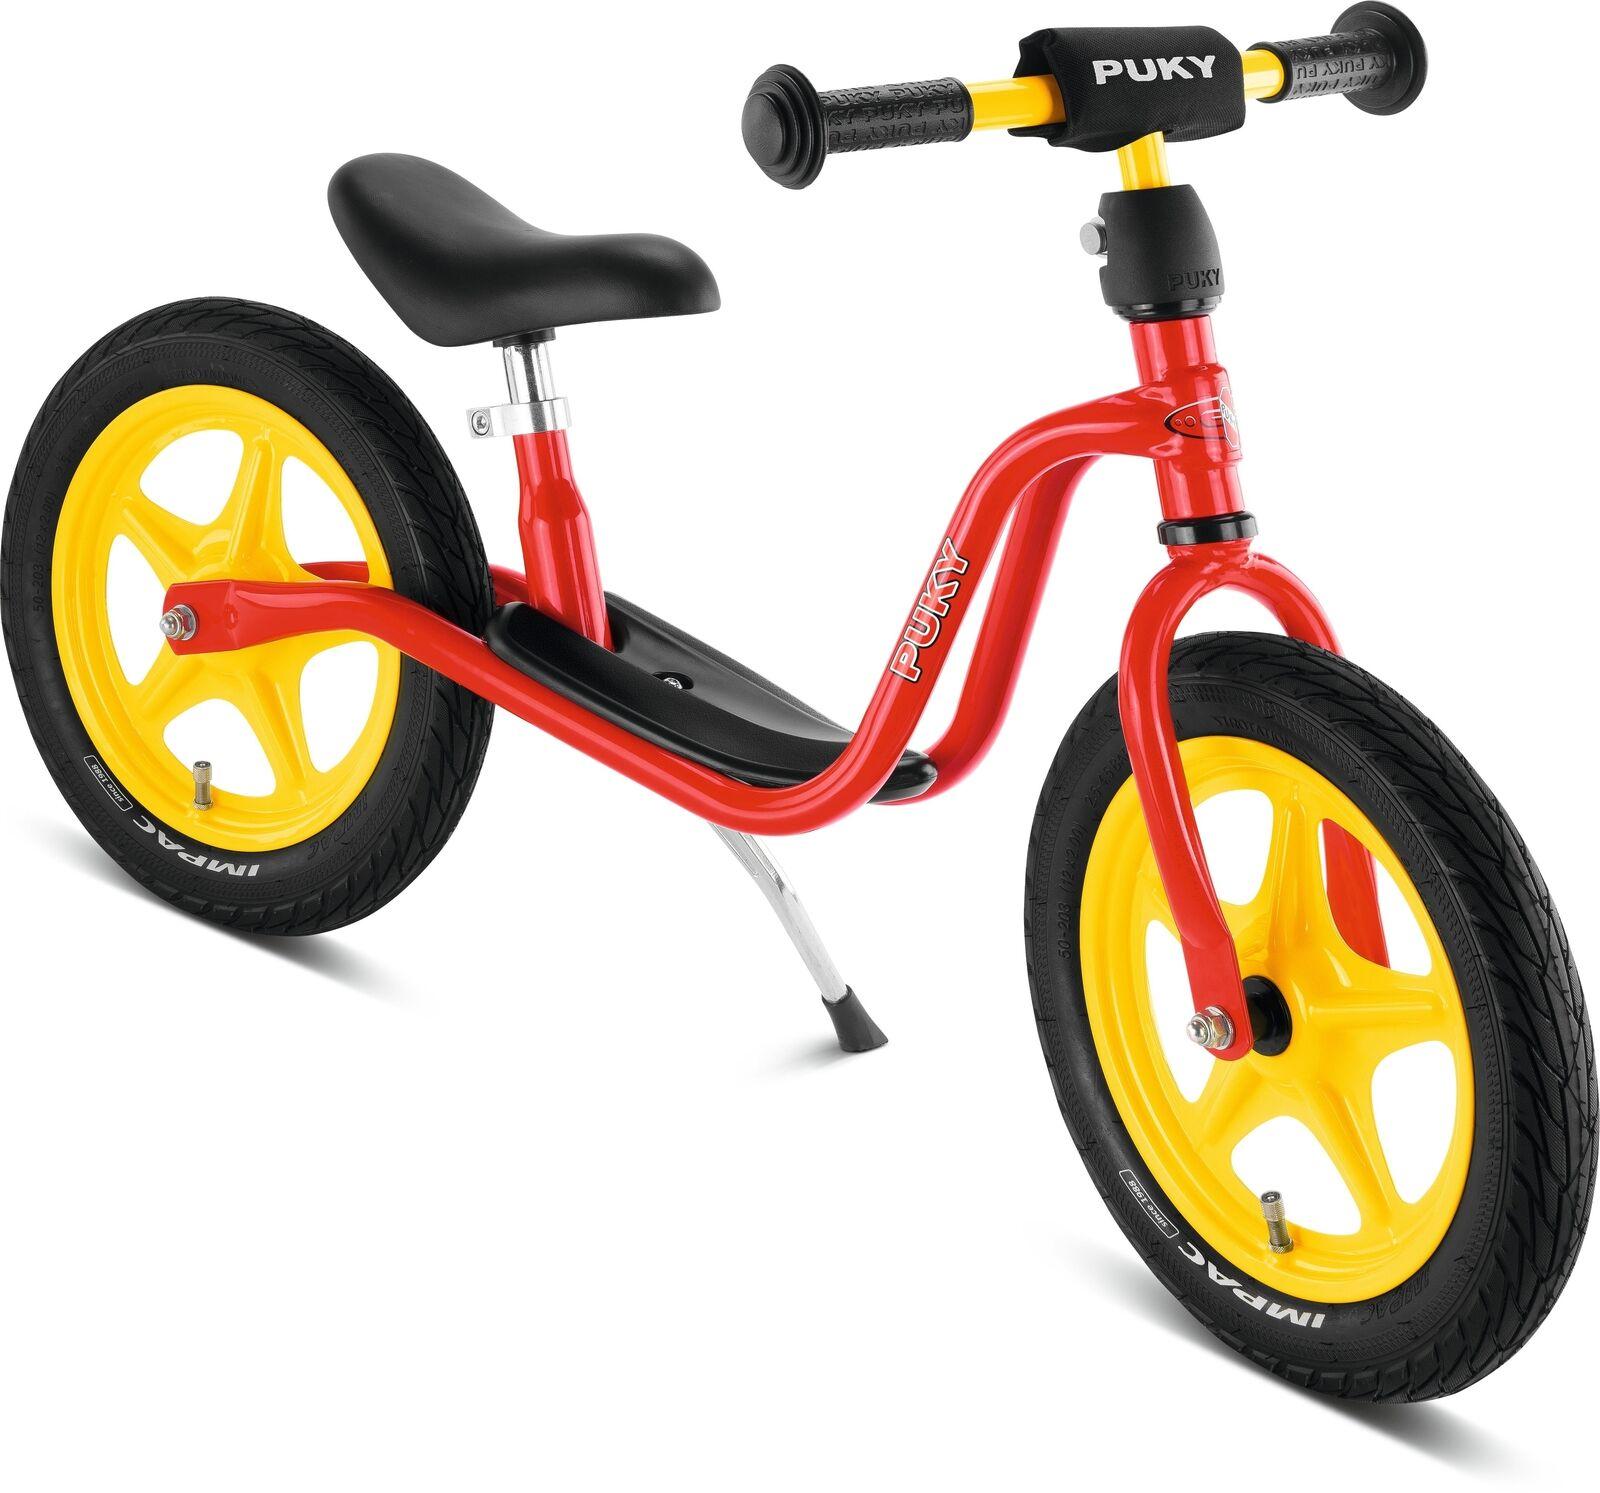 Puky LR 1 L Laufrad Lauflernrad Kinderlaufrad Alter 3+ Rot 4003